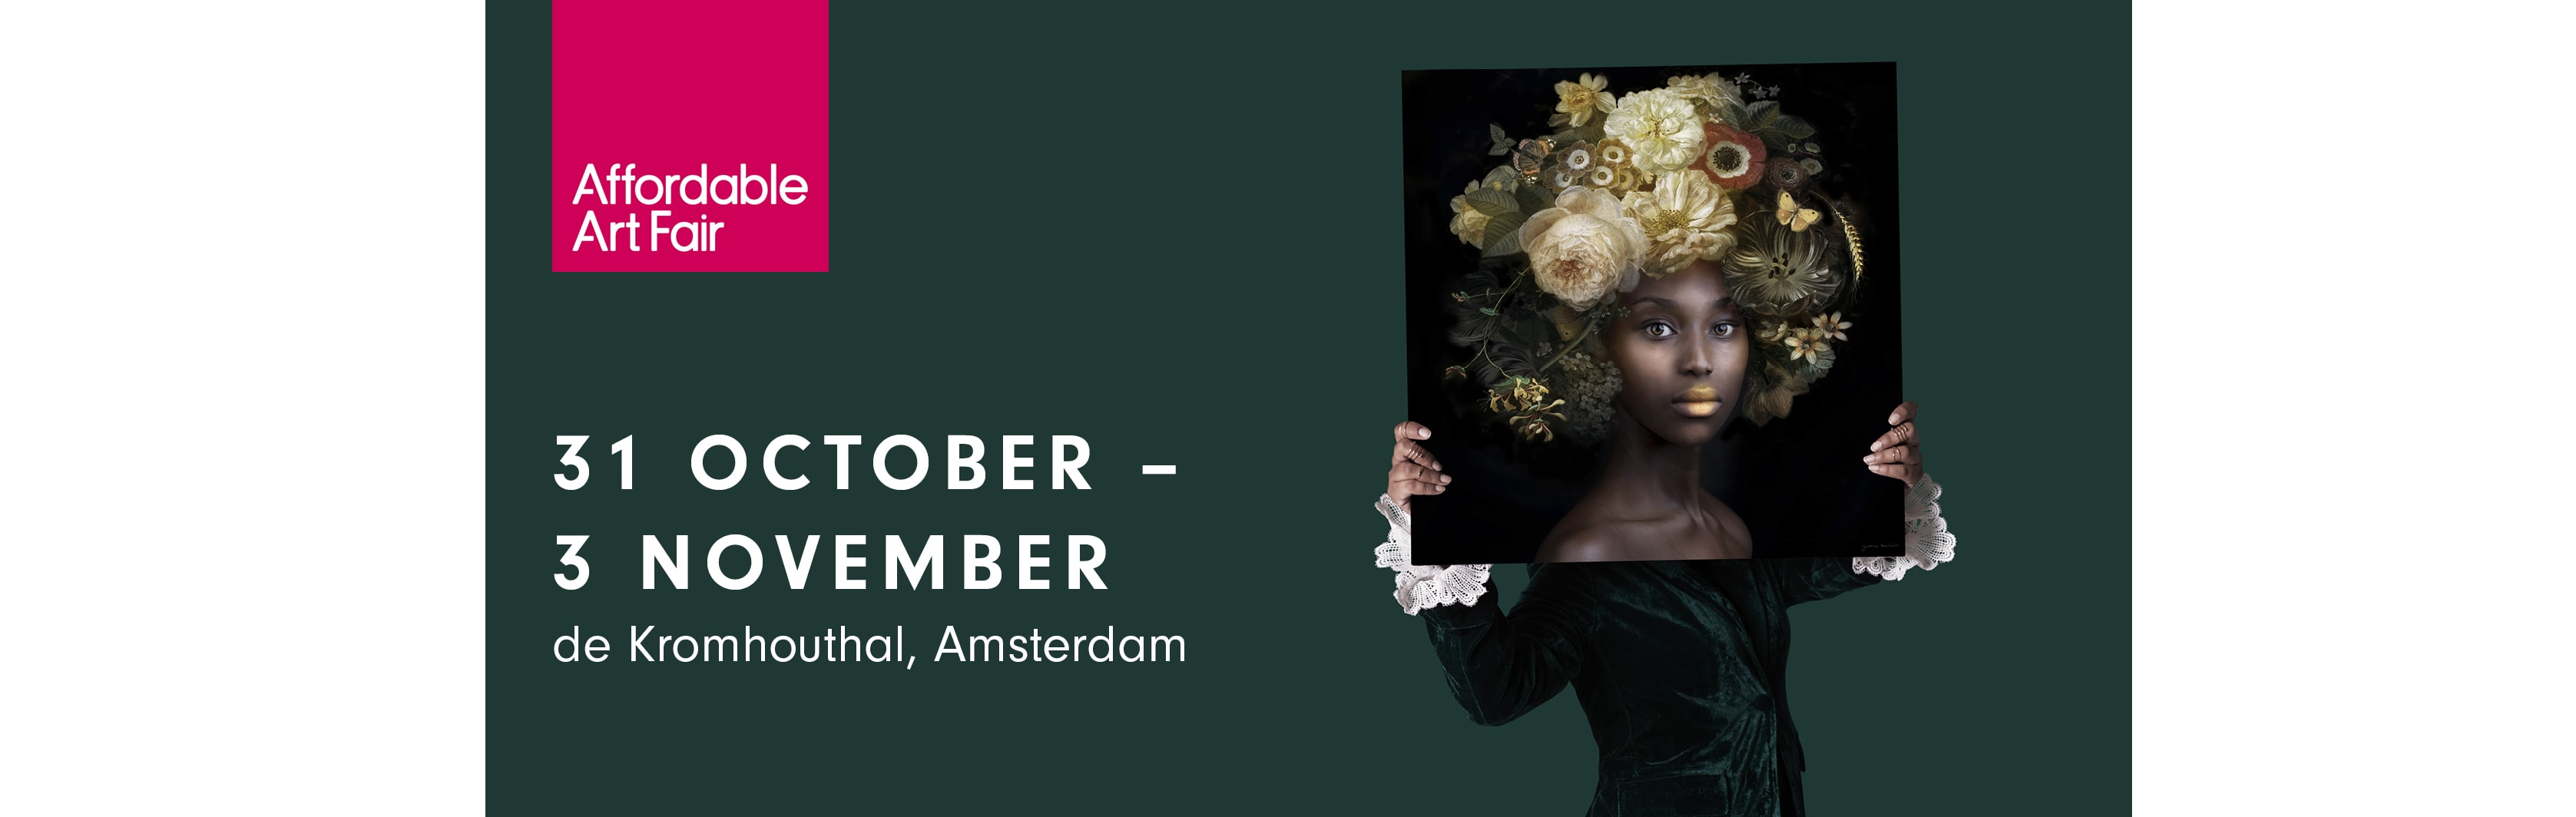 Affordable Art Fair Amsterdam - Foire